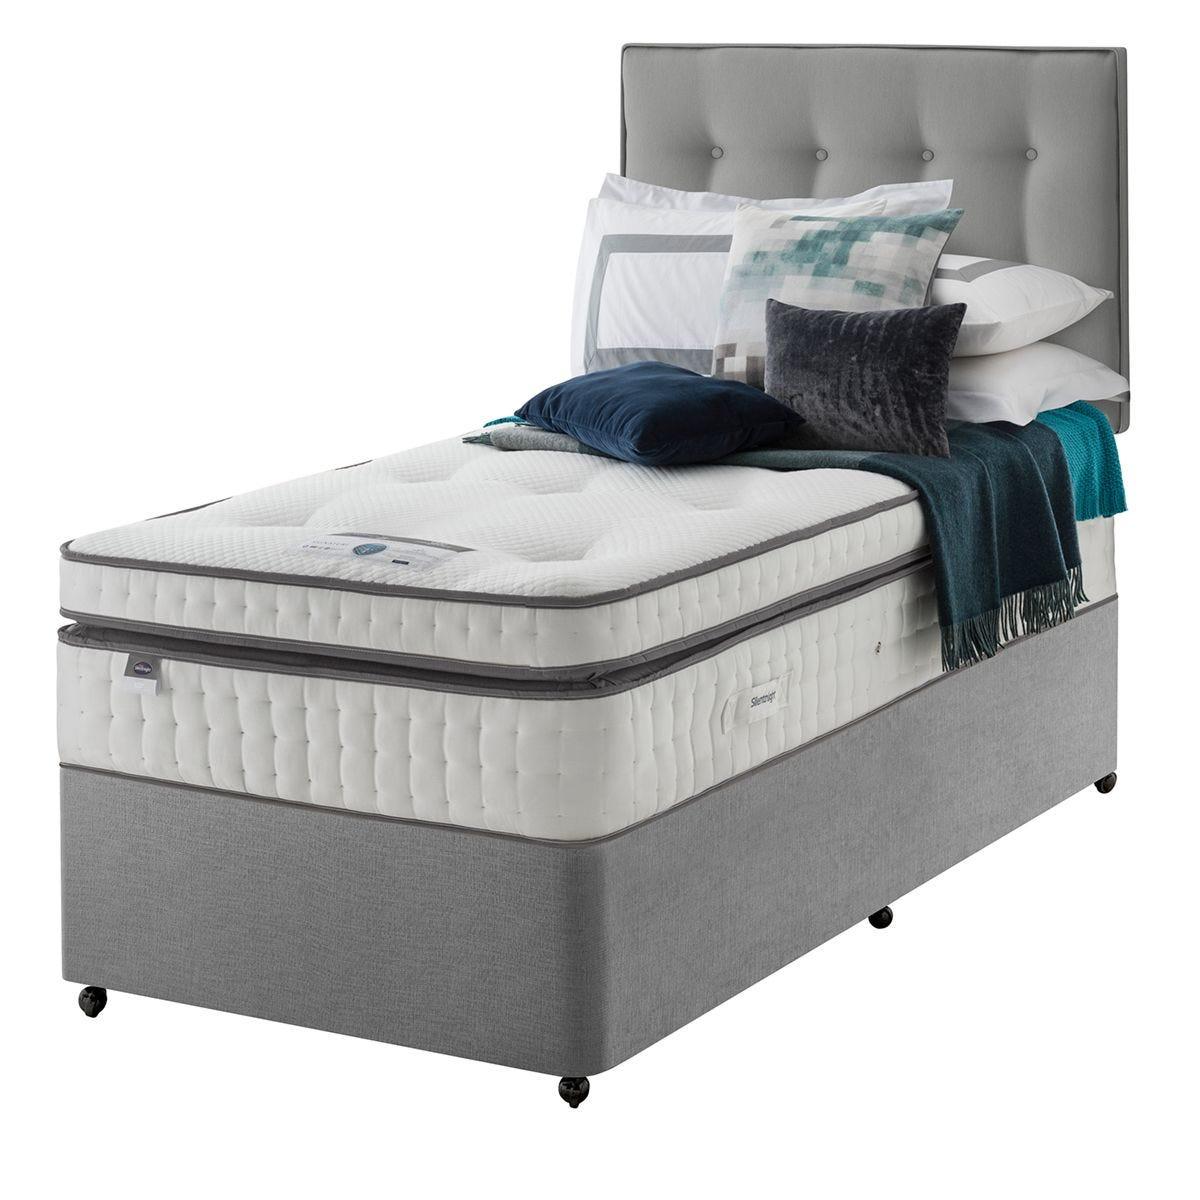 Silentnight Mirapocket Geltex 2000 Divan Bed - Grey